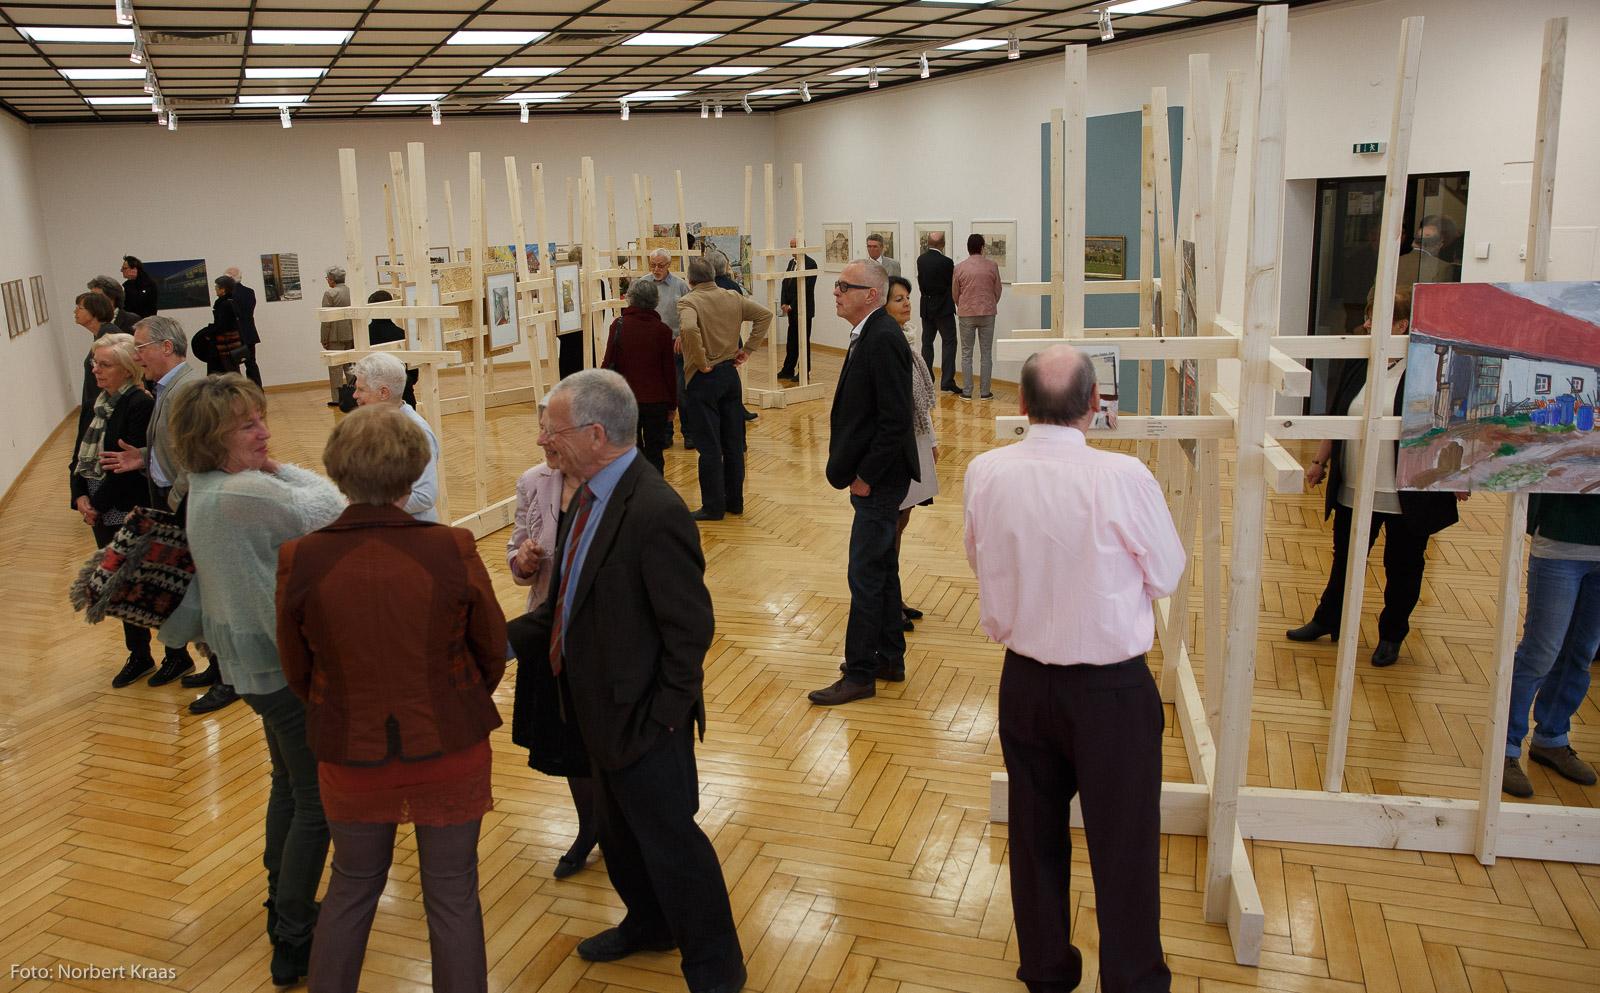 """Sehr gut besucht: Vernissage am 19.3.2017 der Ausstellung """"AlbStadtAlb"""" der Tübinger Künstlerin Ava Smitmans. Ausstellungsansicht im Kunstmuseum Albstadt."""